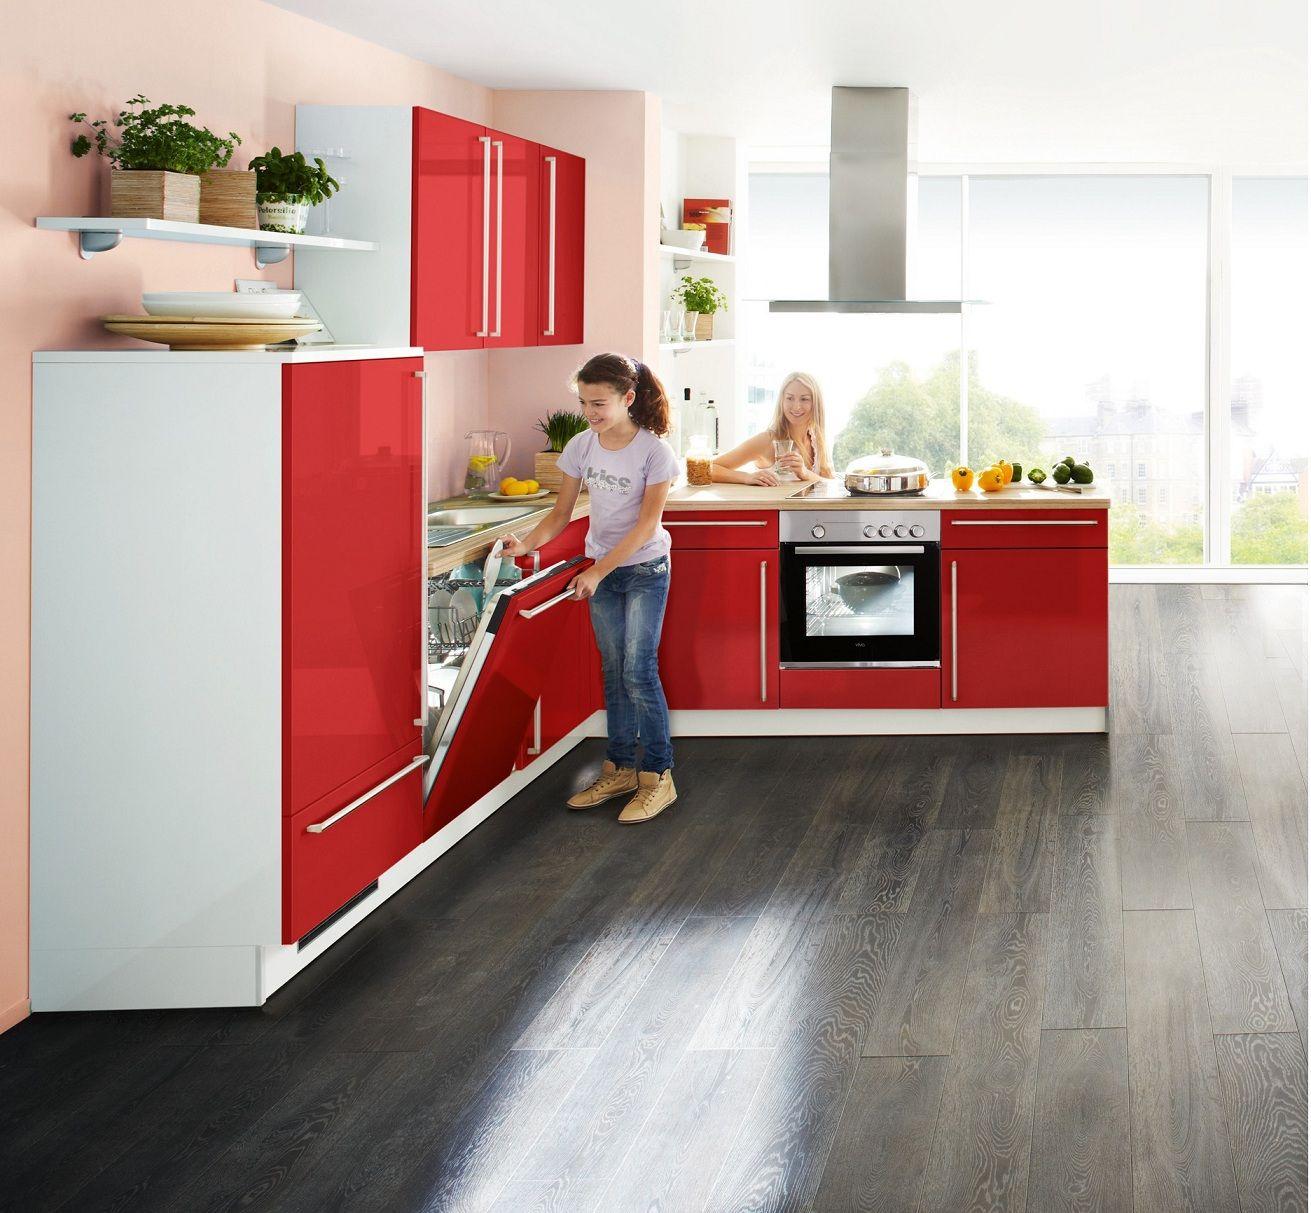 Nett Classy Ideas Mega Küchen Ideen - Die Designideen für Badezimmer ...